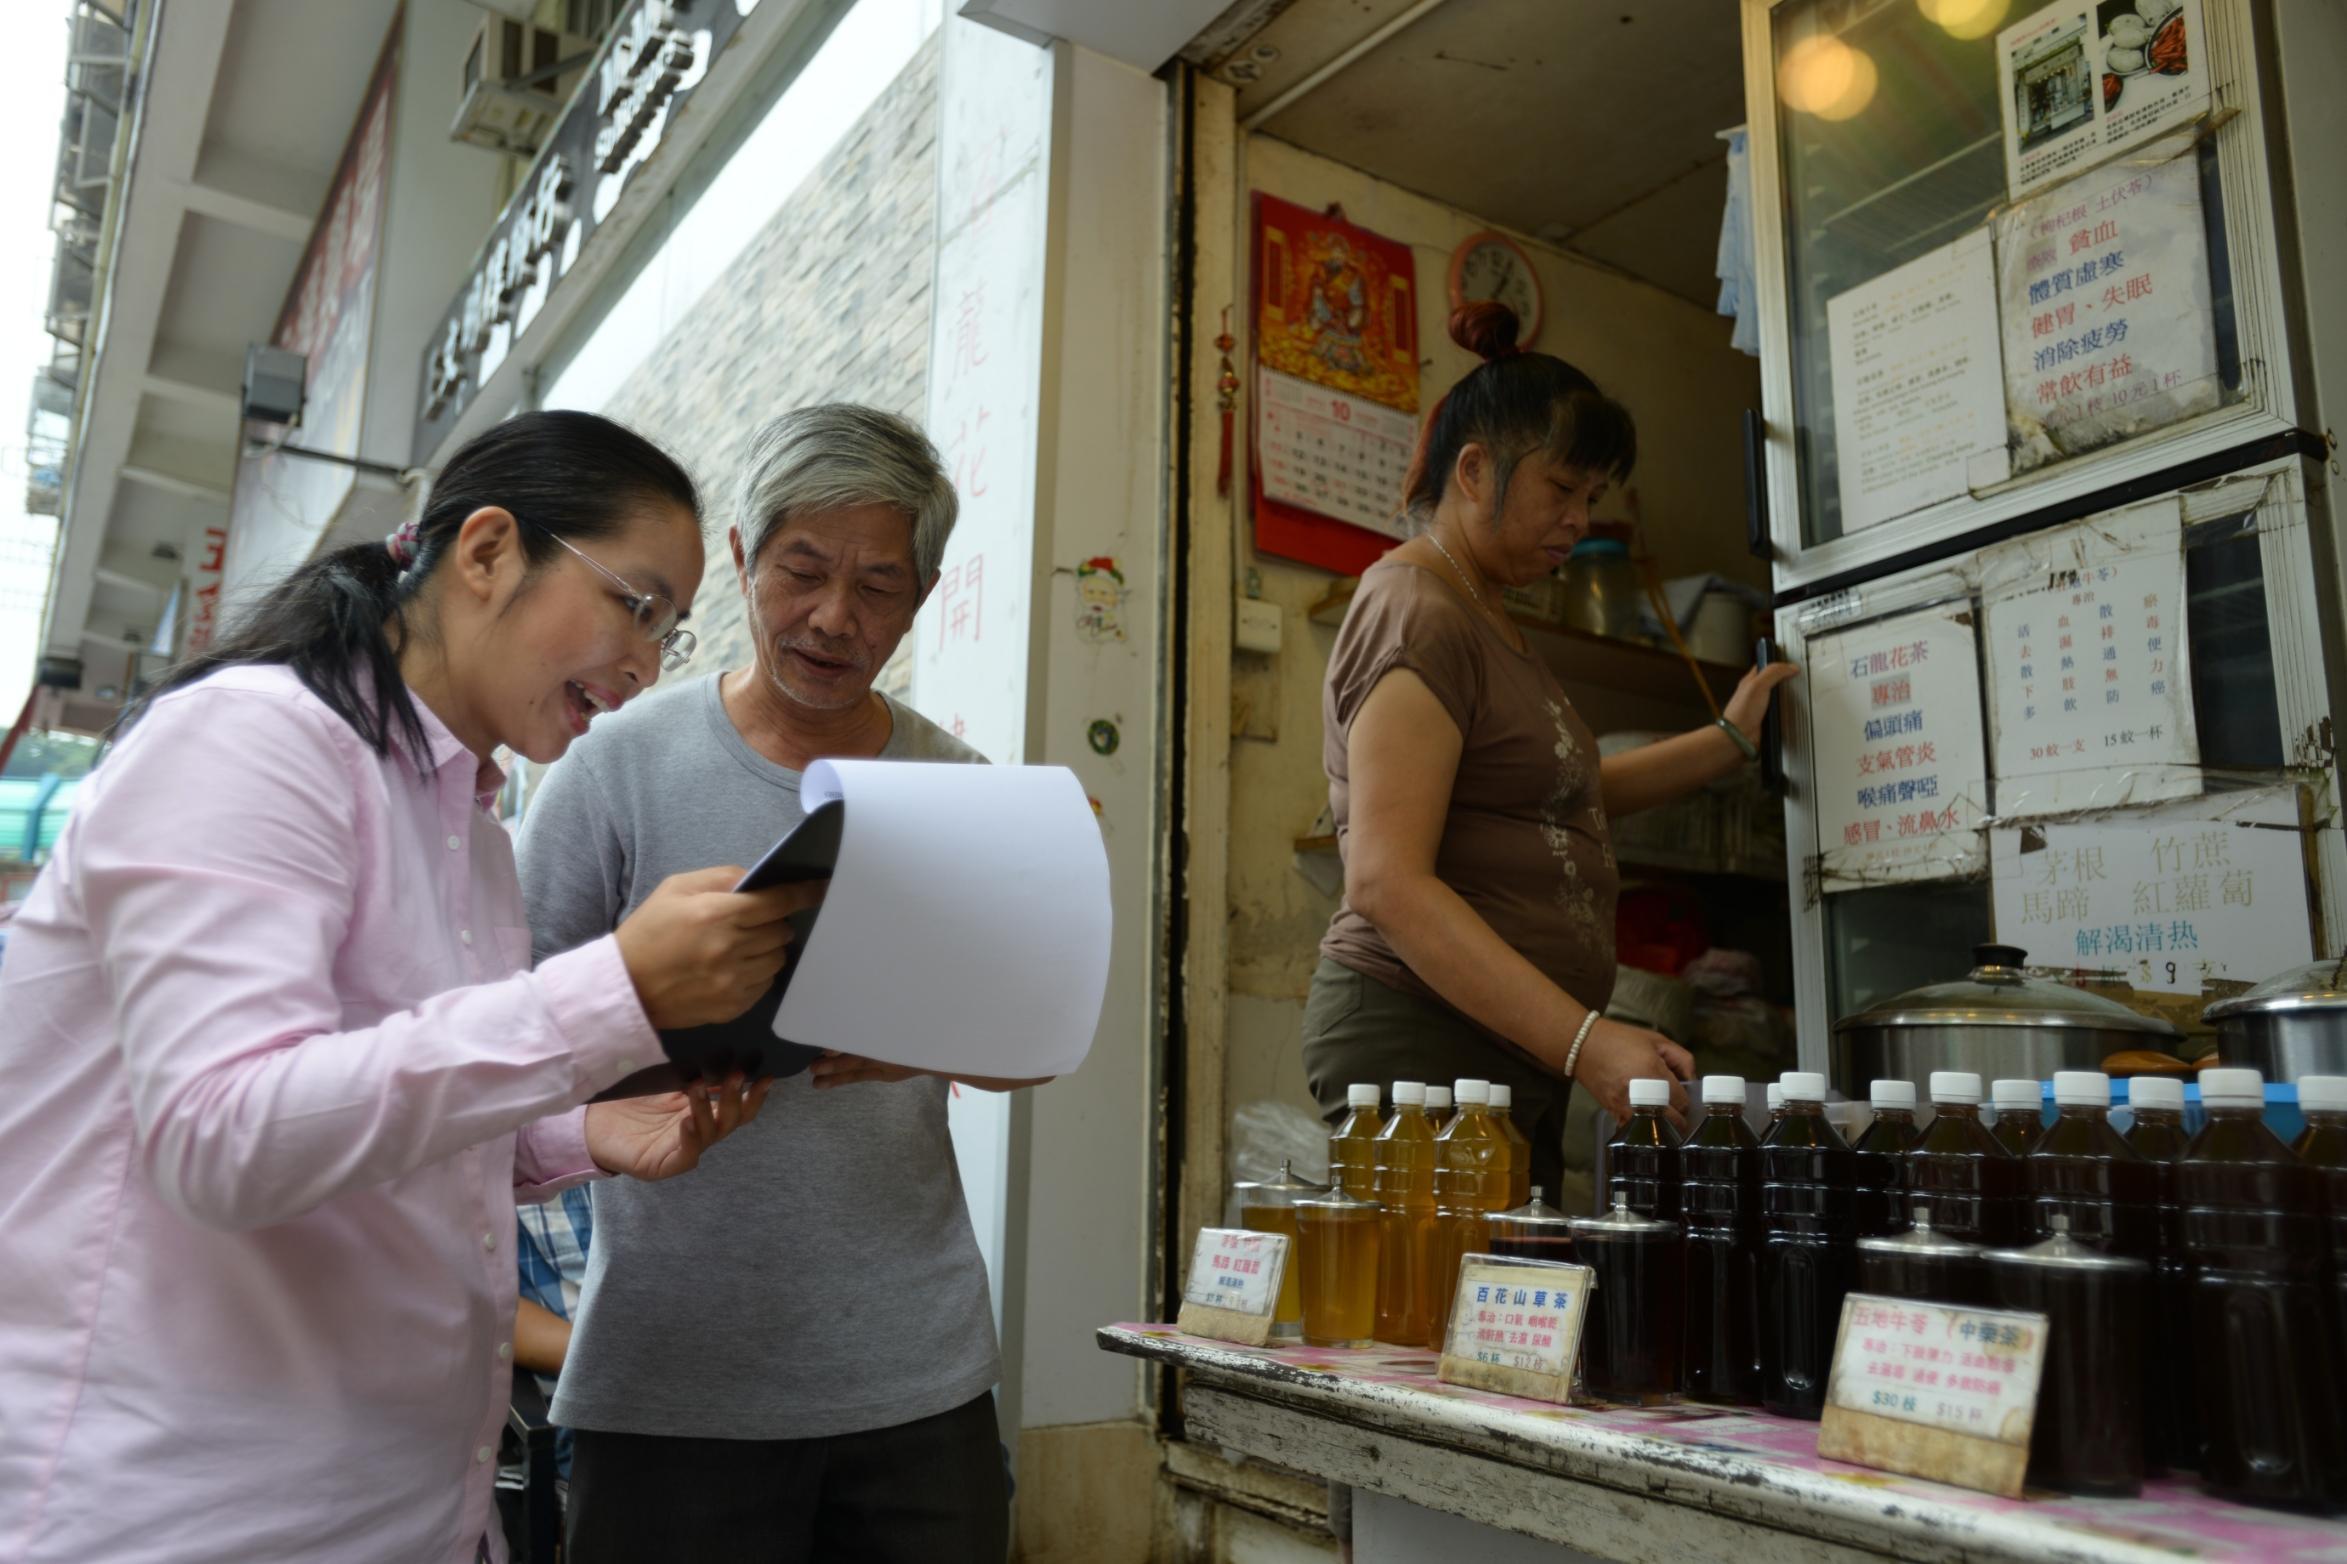 第一次參選的蔡咏梅(左)找小店貼海報,要店主同意及簽授權書,這些手續上的要求,她邊做邊學。(黃志東攝)